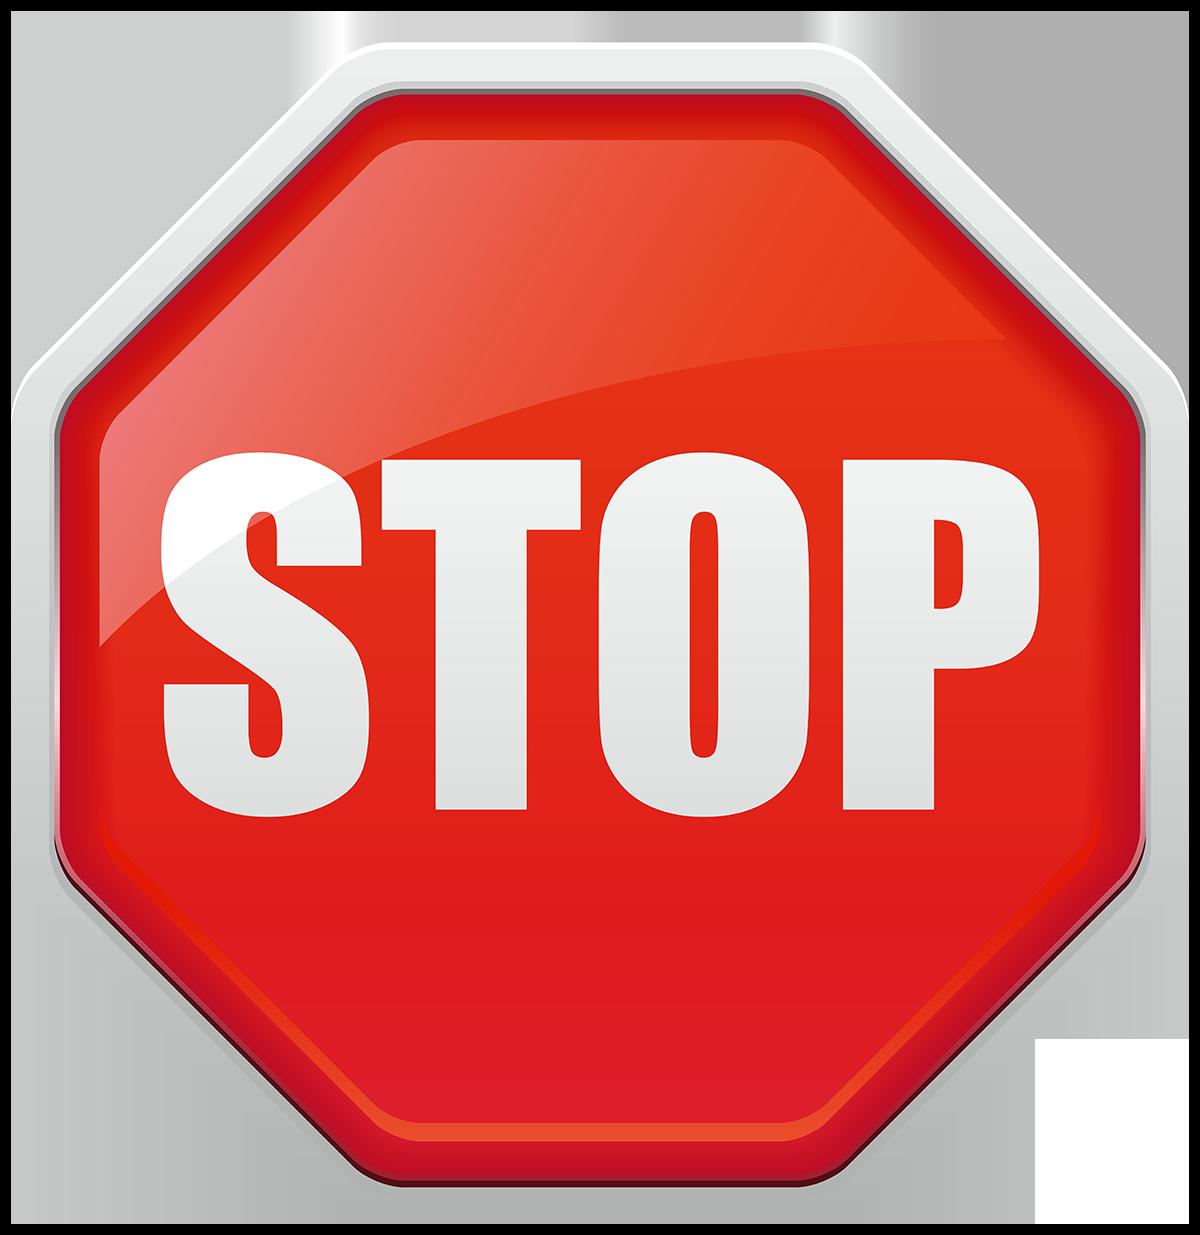 Знак стоп - стоп, знаки, дорожный знак